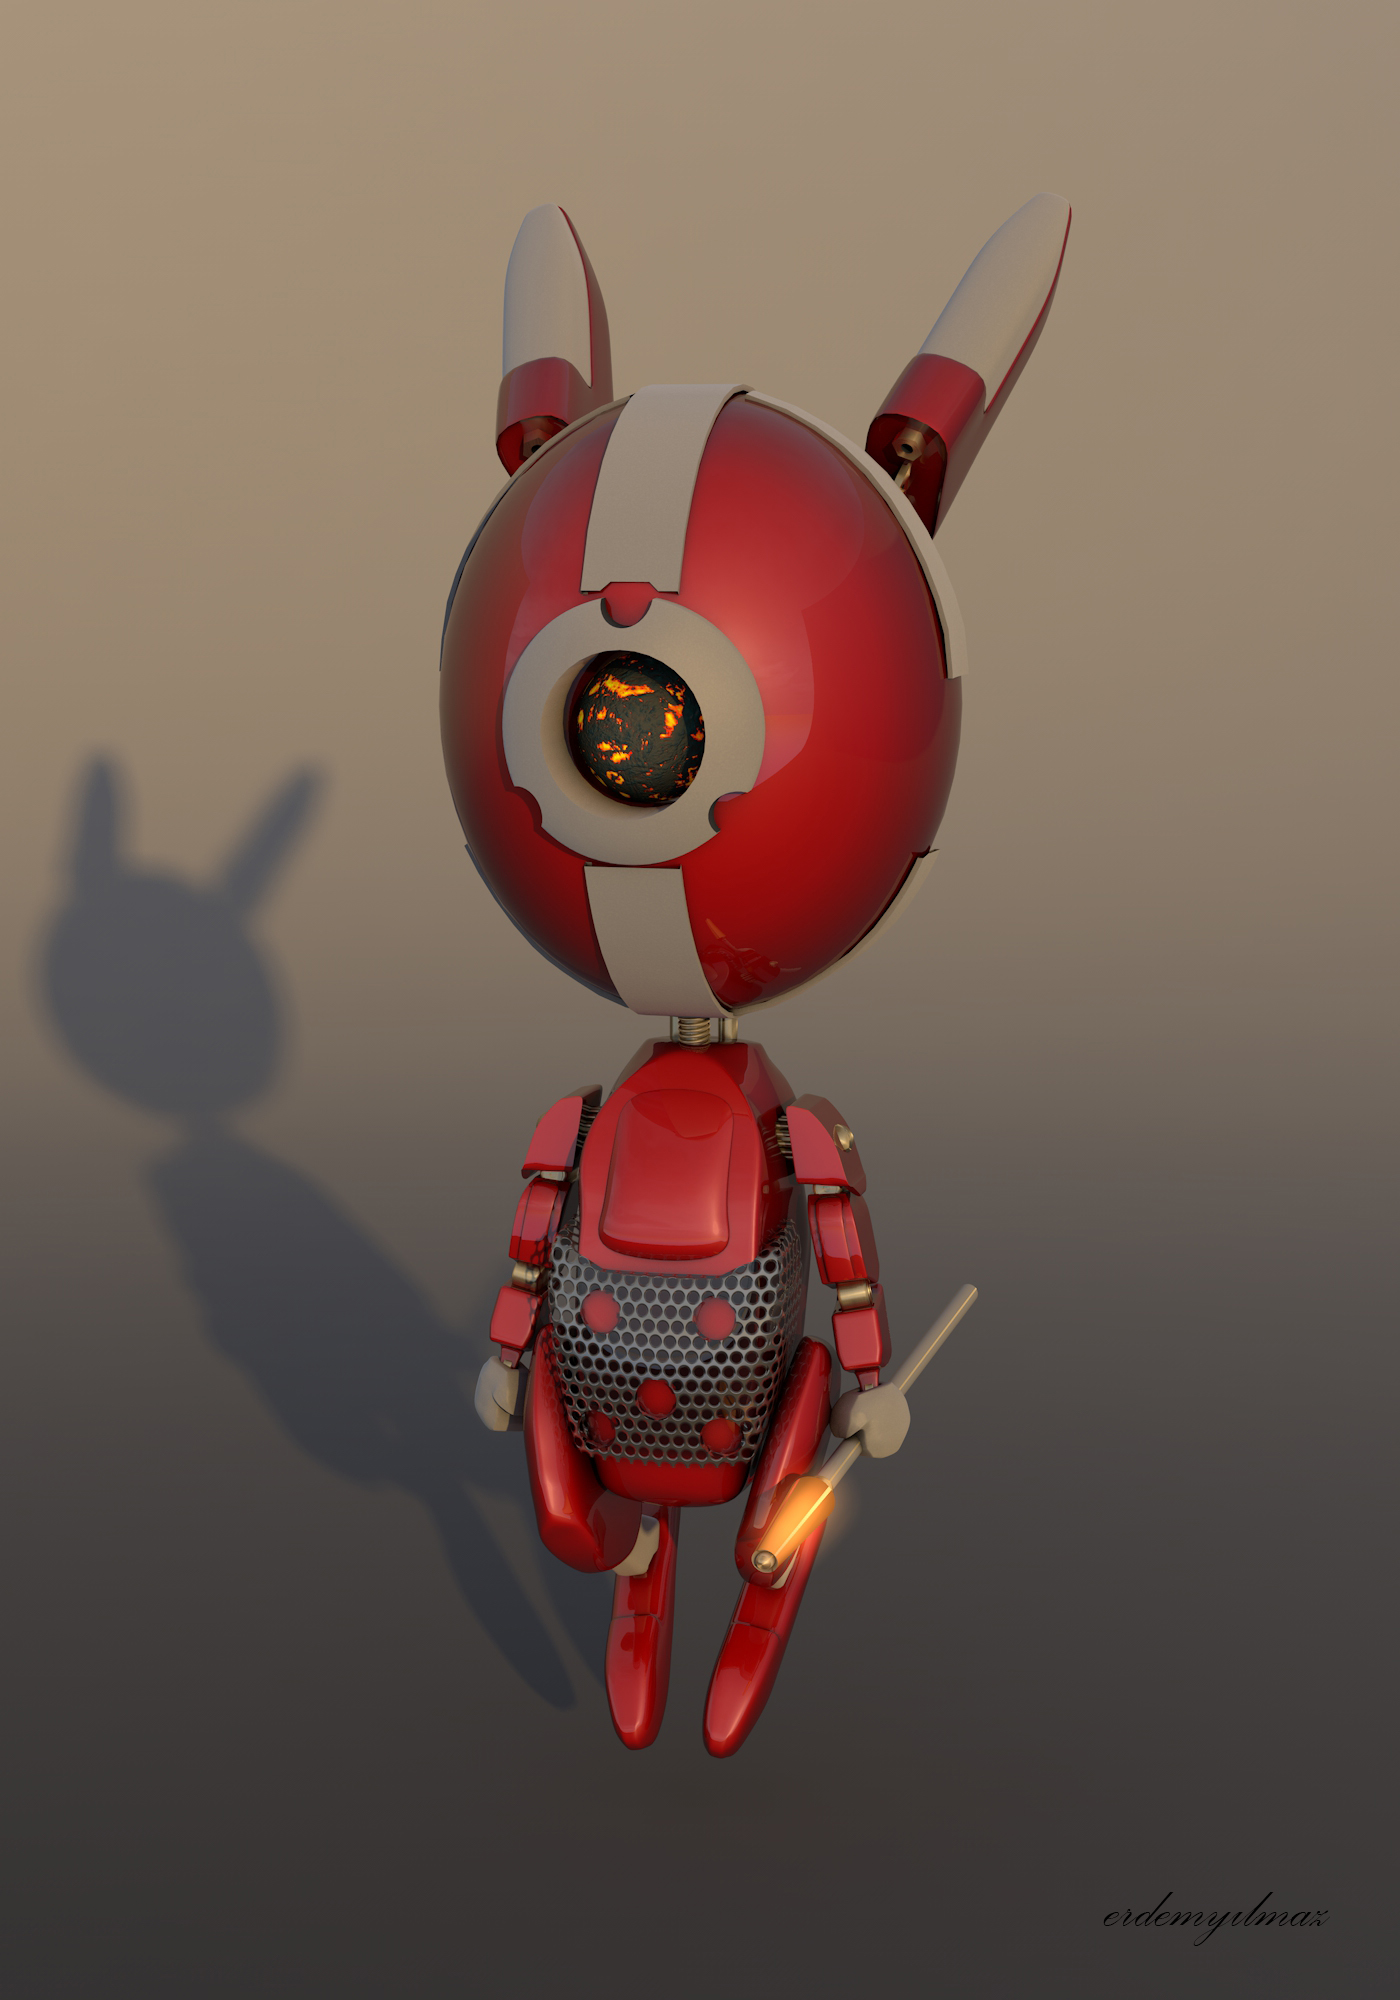 Wallpaper Iphone X Black Free Stock Photo Of Robocop Robocop Ed209 Robot